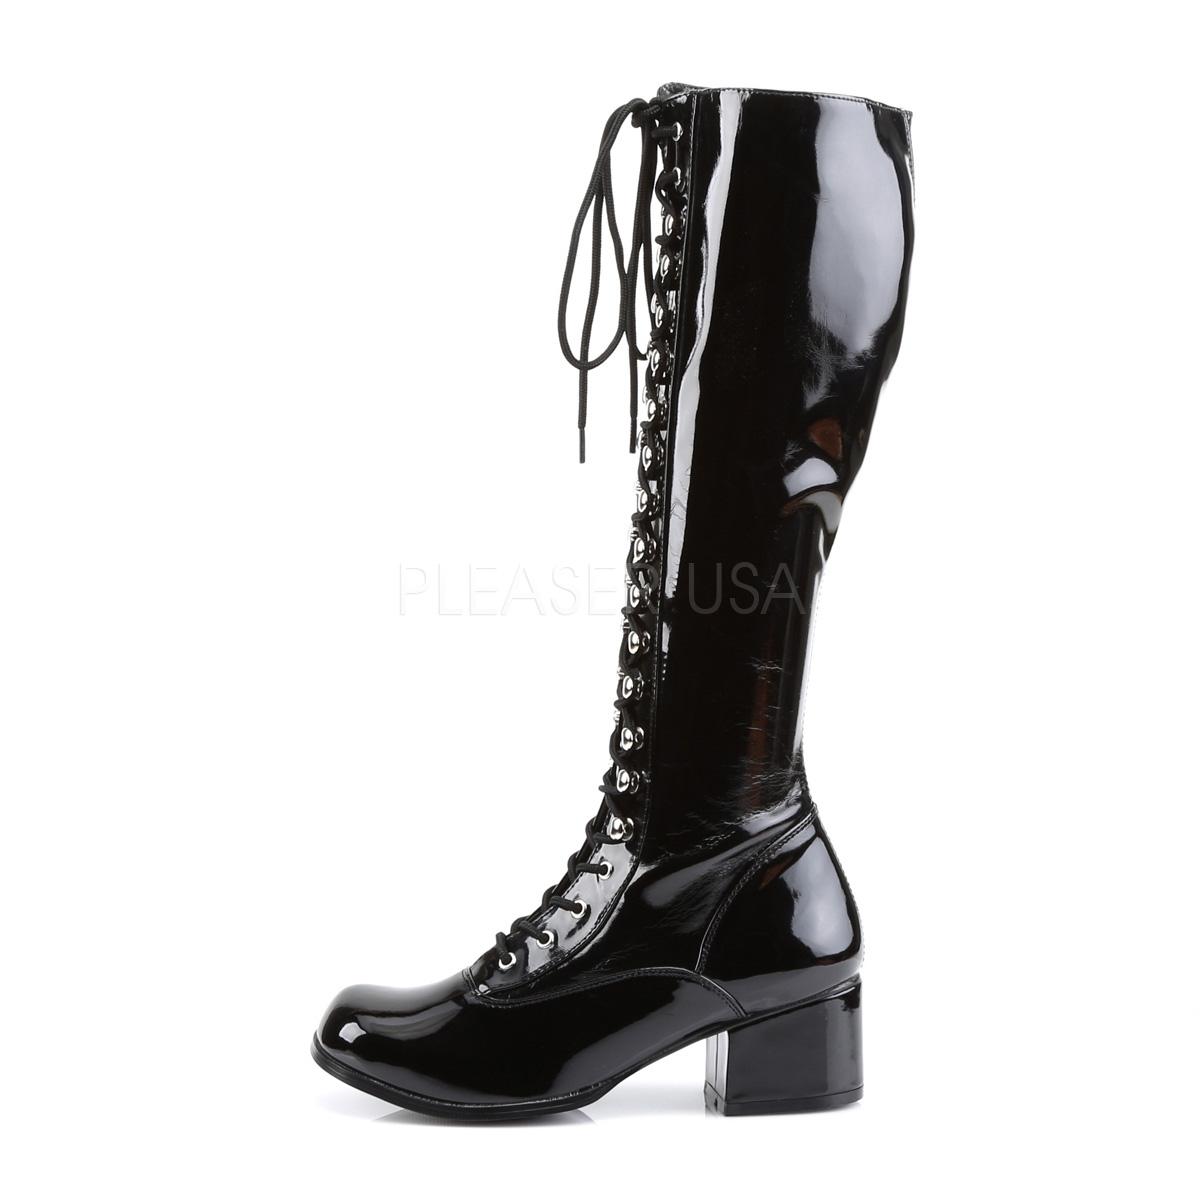 Funtasma(Pleaser) RETRO-302 レースアップ(編み上げ)/サイドジップ ニーハイブーツ エナメル黒 ひざ下丈ブーツ 約5cmブロックヒール◆取り寄せ